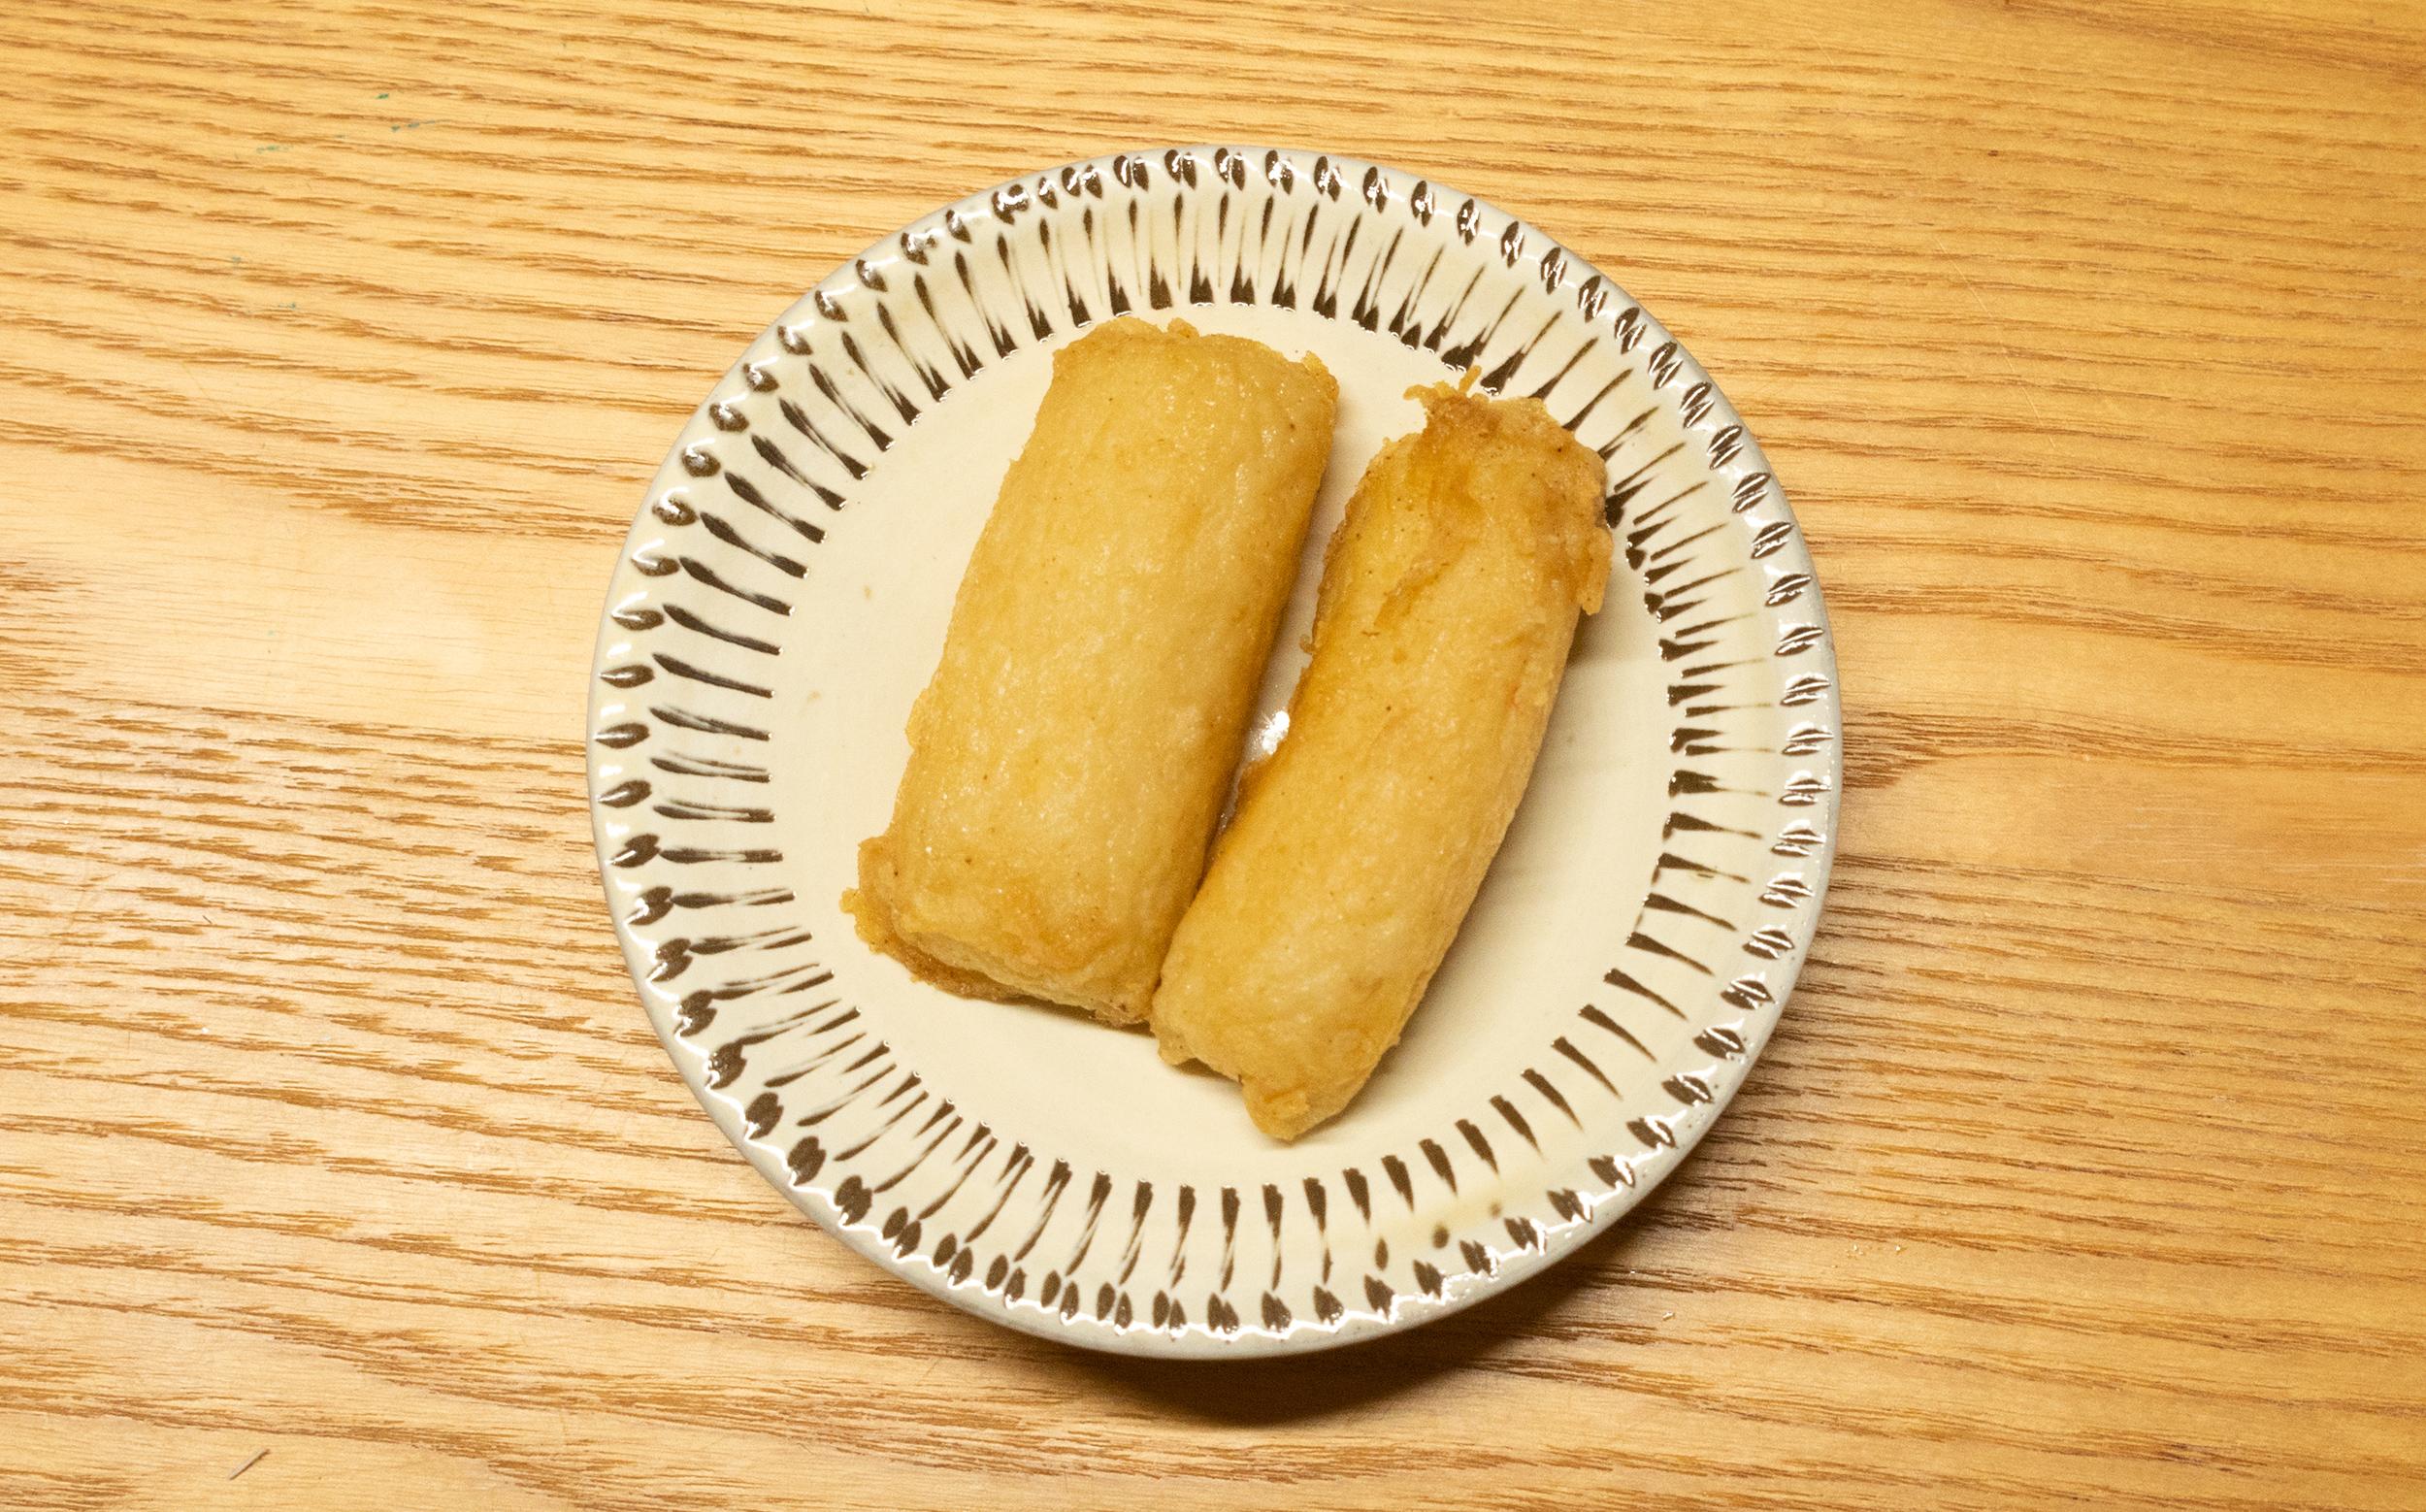 丸忠かまぼこ店(葛飾区 立石) おでん種:チーズ巻